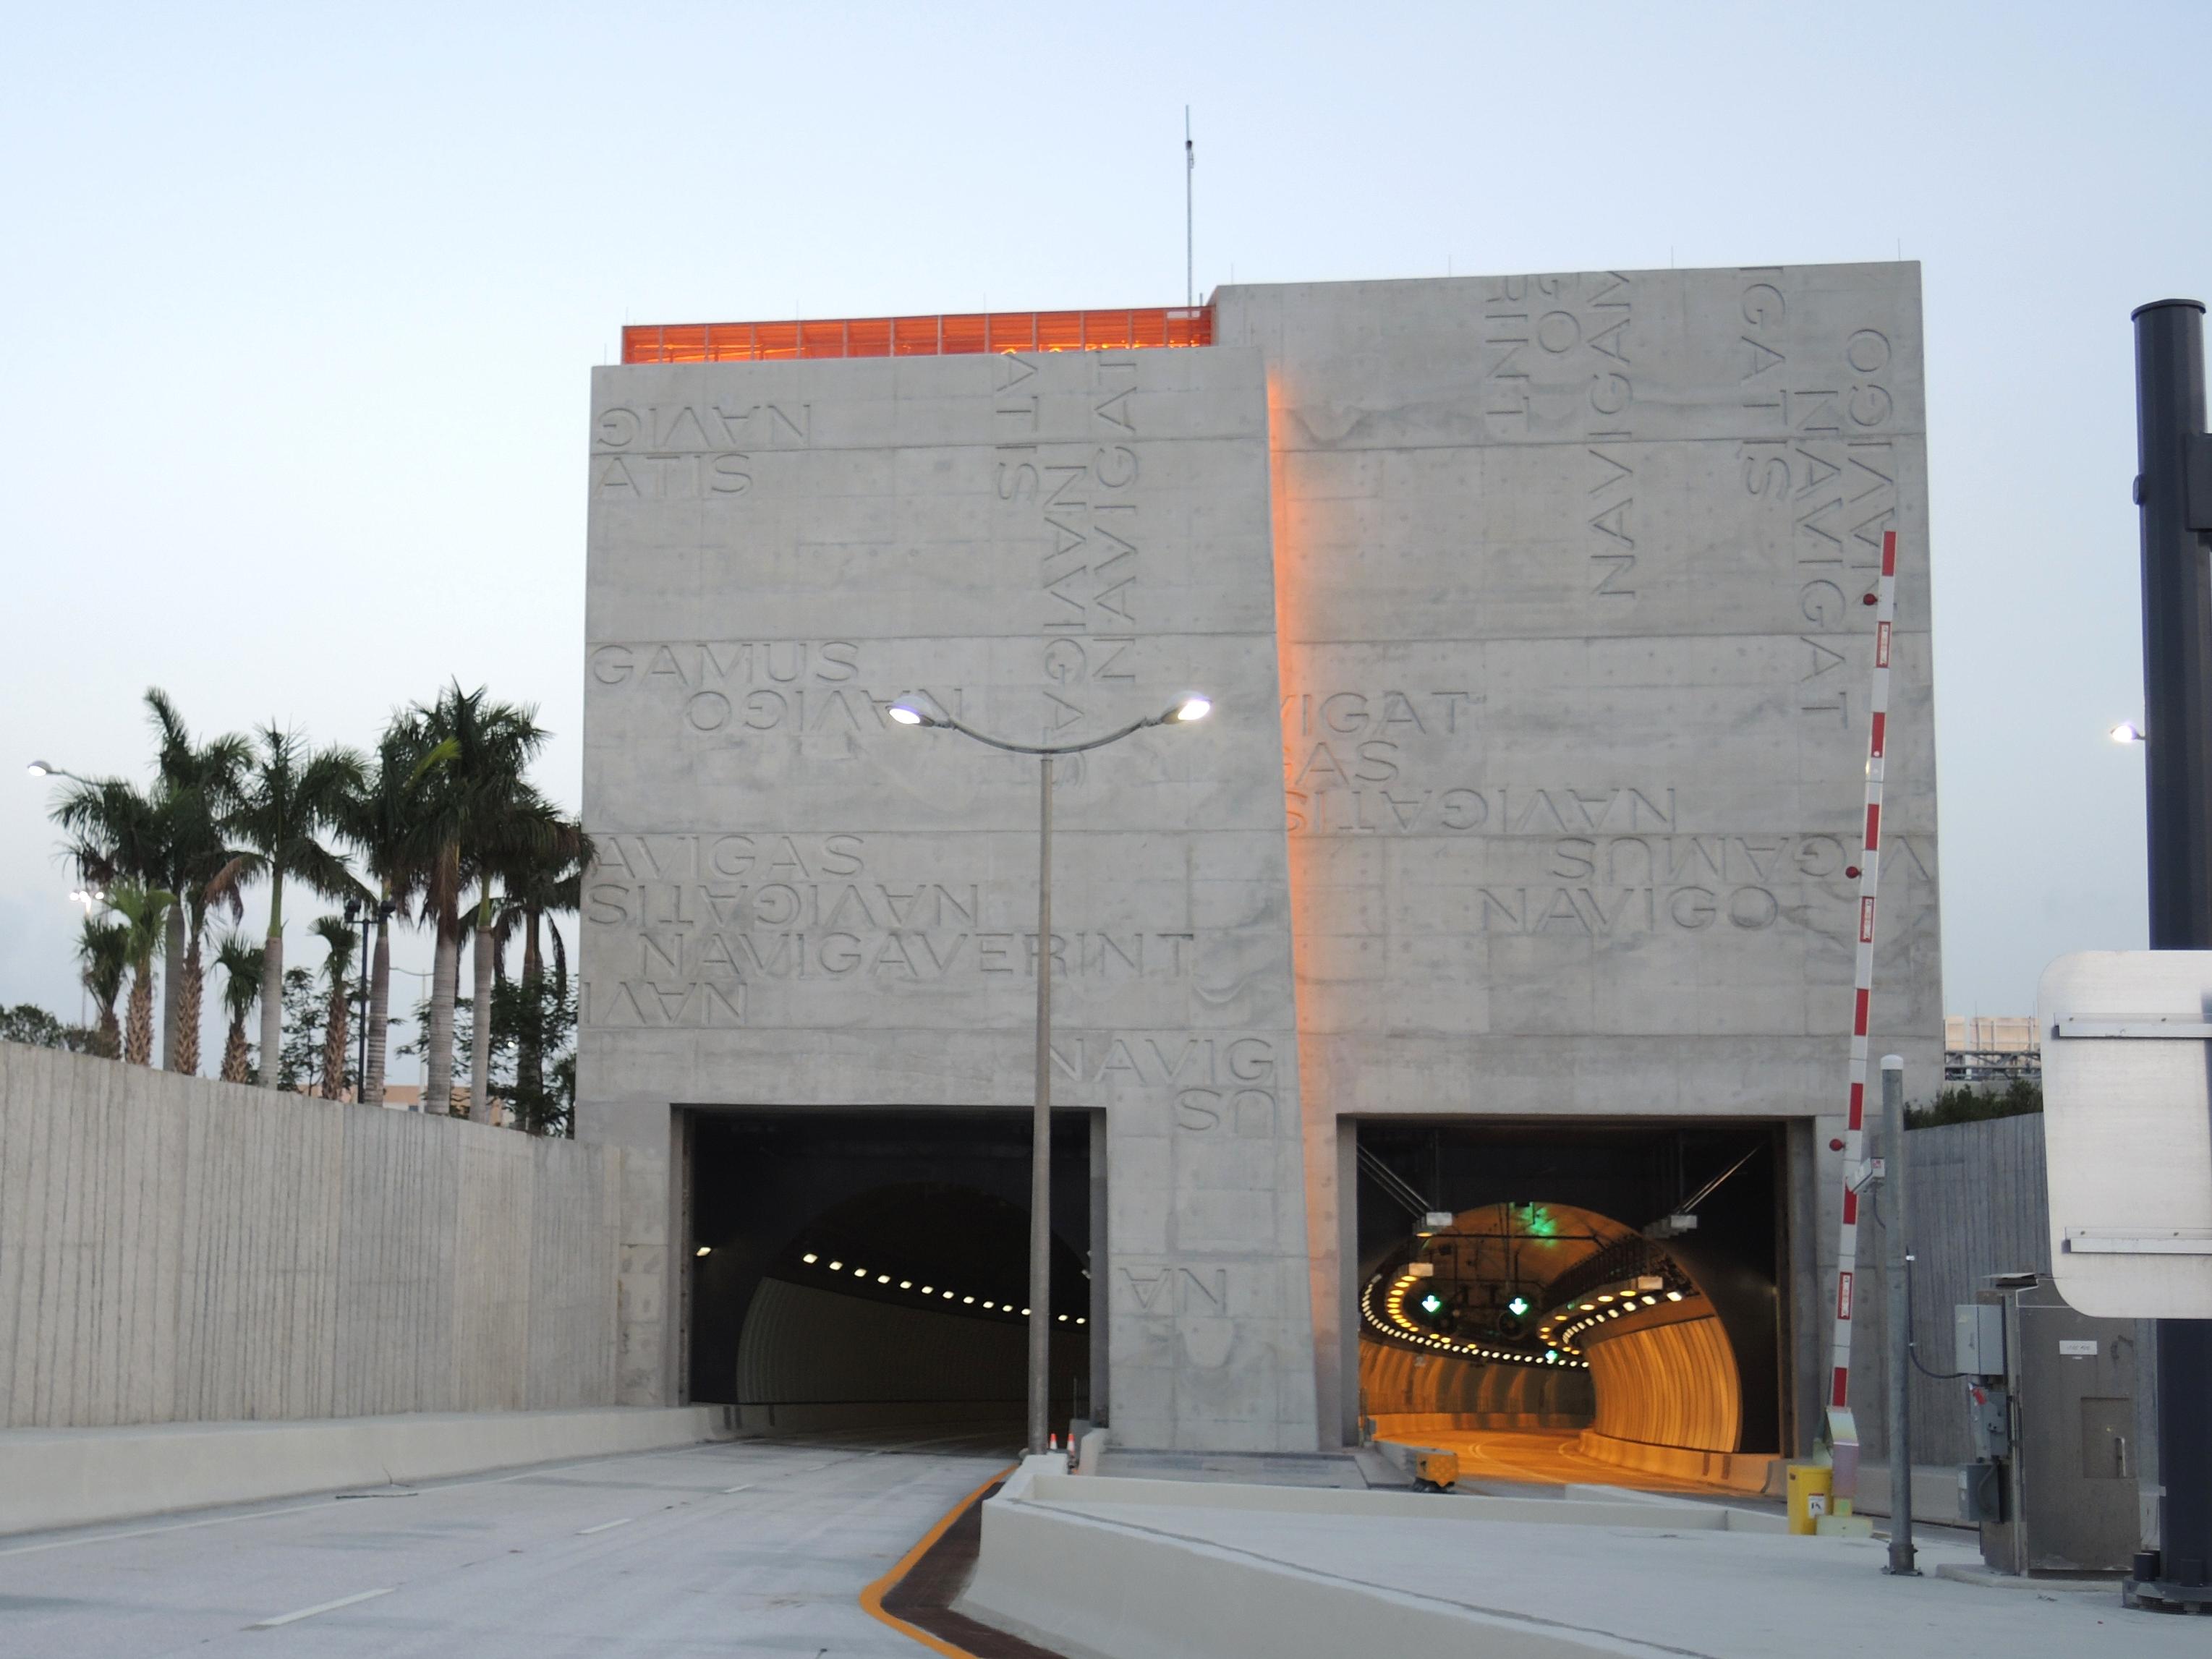 Port Miami Tunnel - Wikipedia